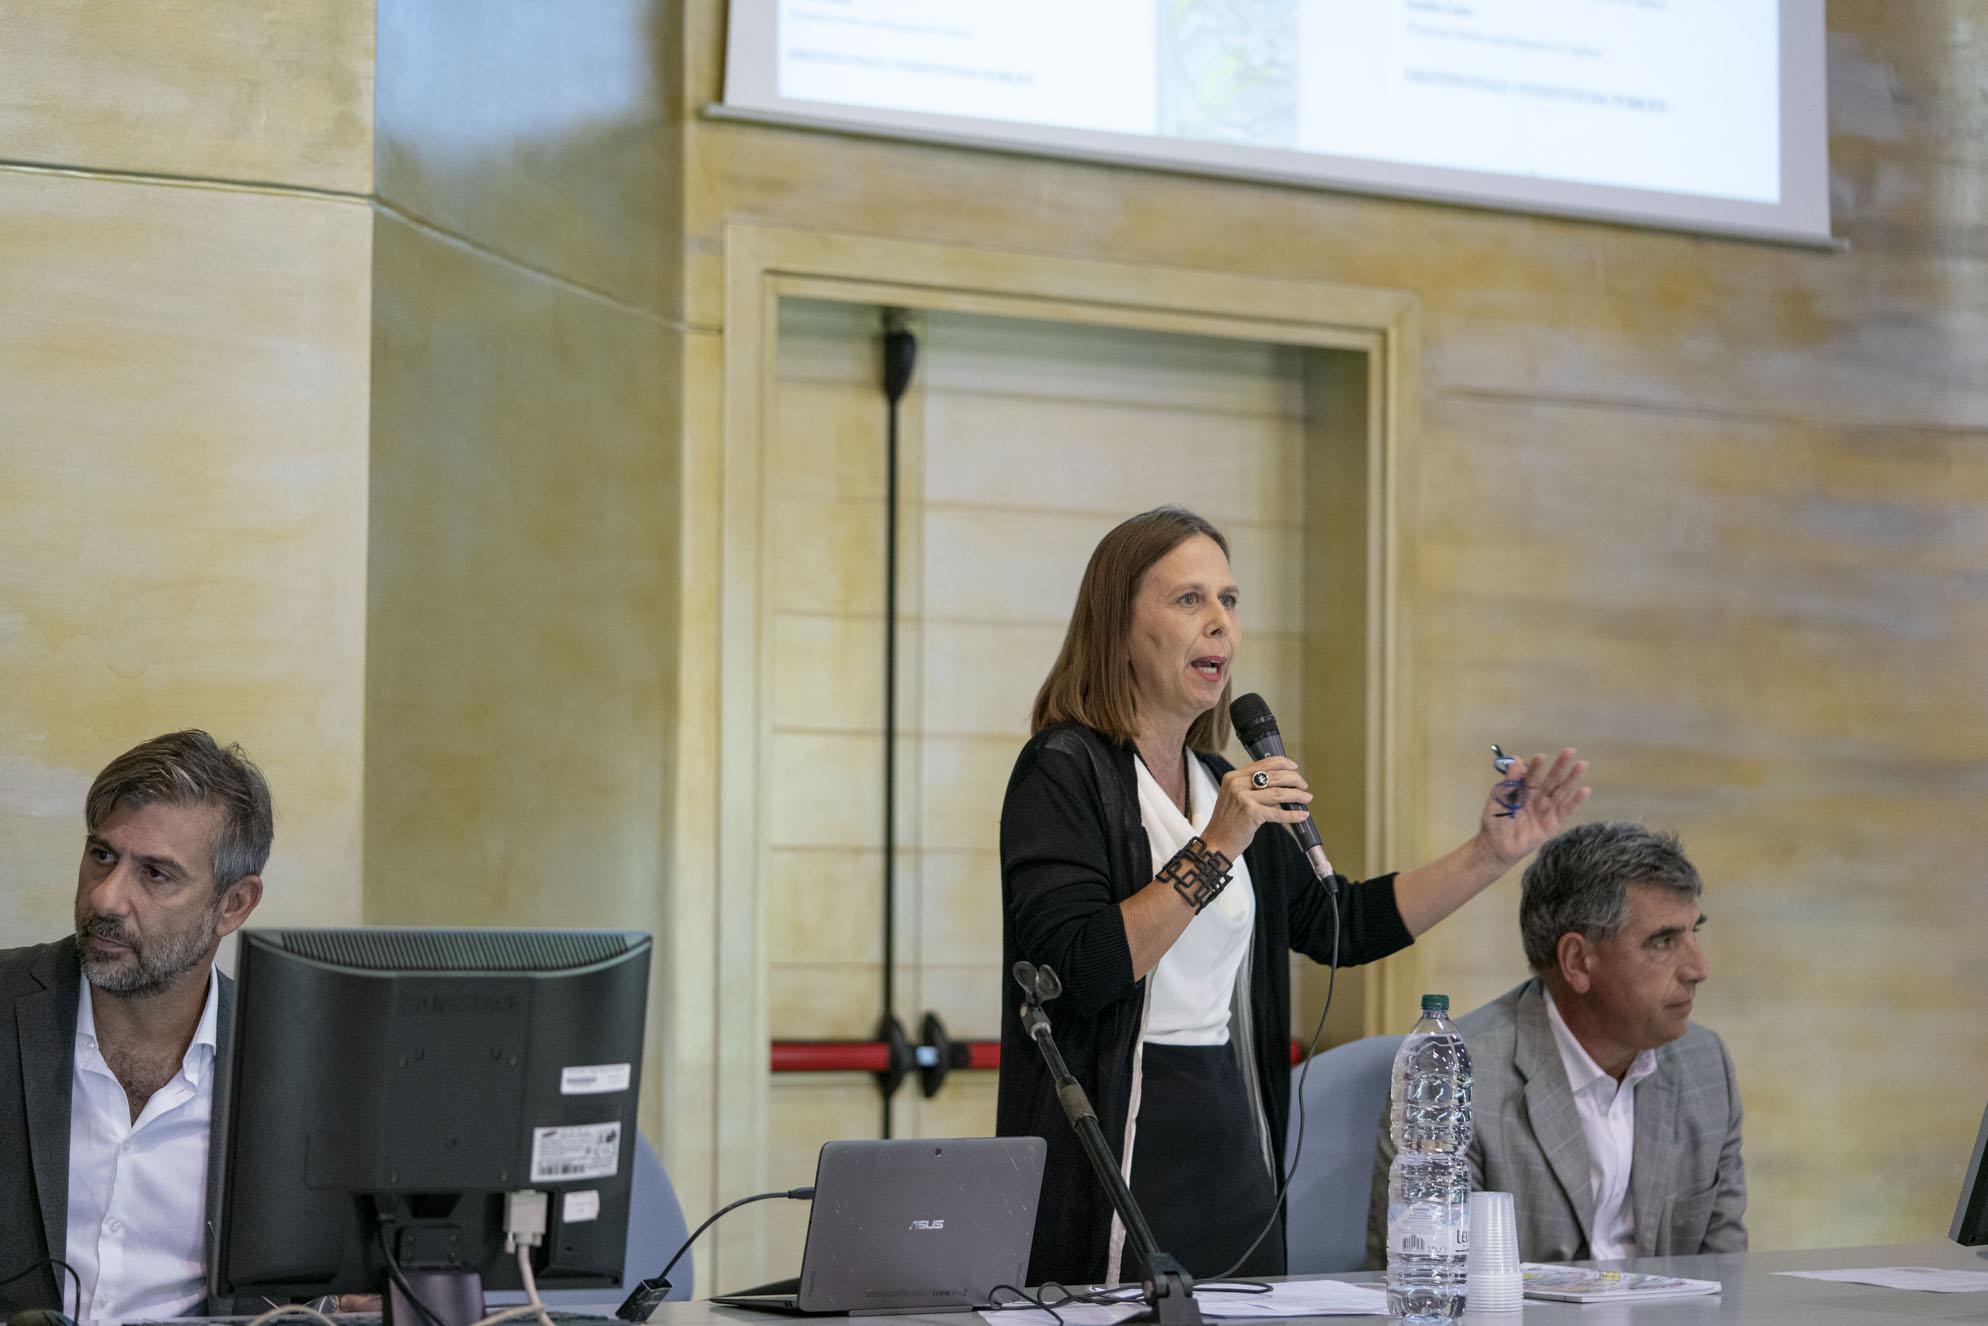 L'intervento di Teresa Demontis, presidente ordine architetti